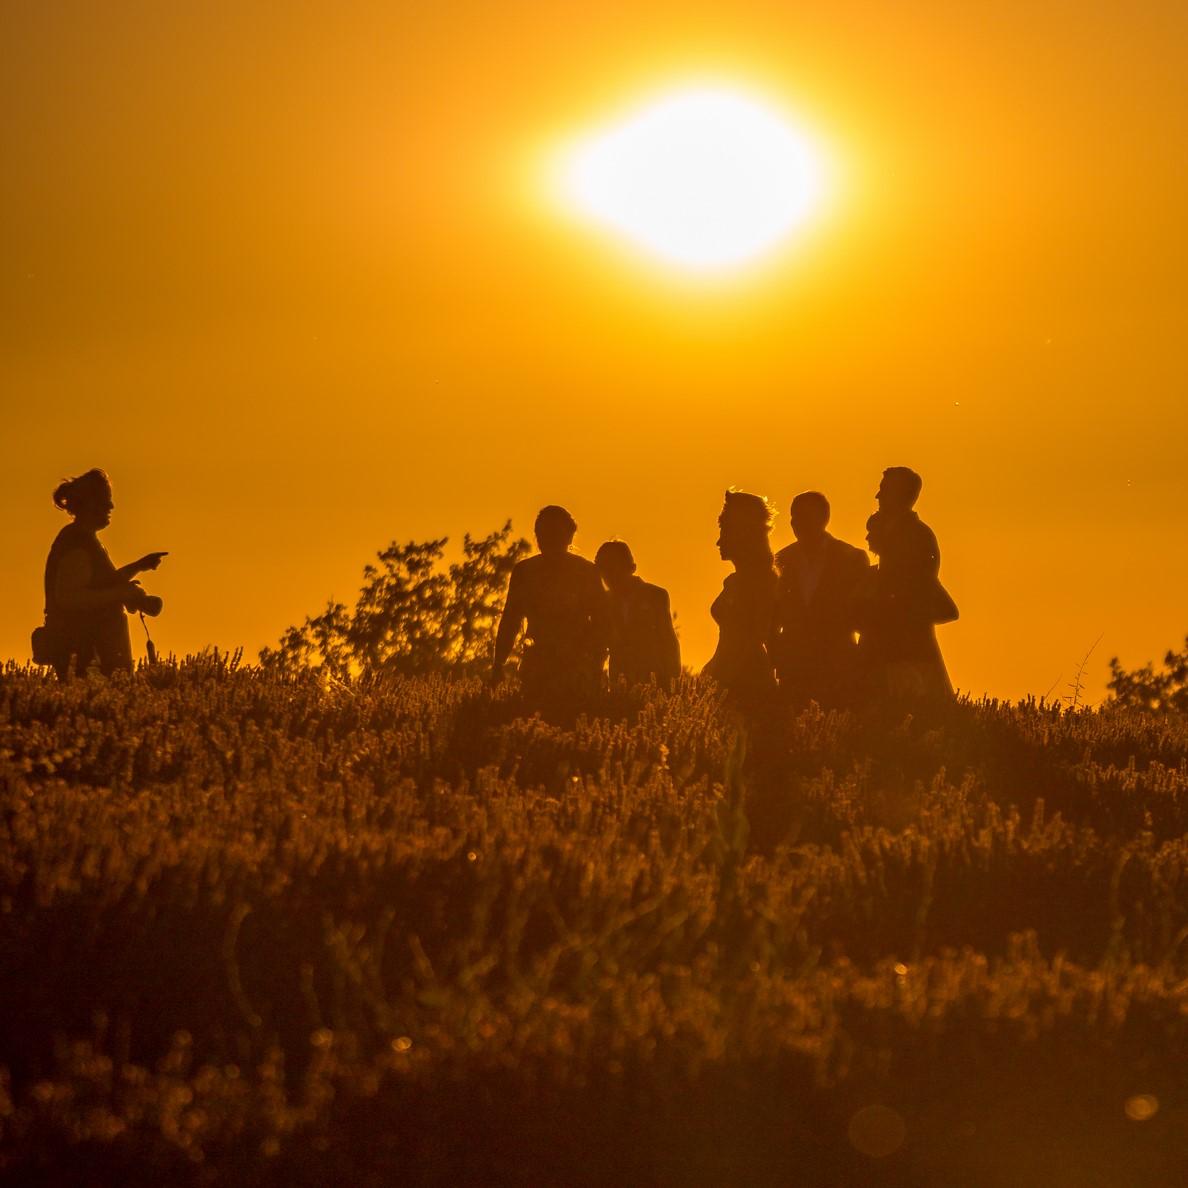 hochzeit, lavendelfelder, lavendel, lavendelblüte, sommer, luberon, reisetipps, infos, selbstgeplant, frankreich, provence